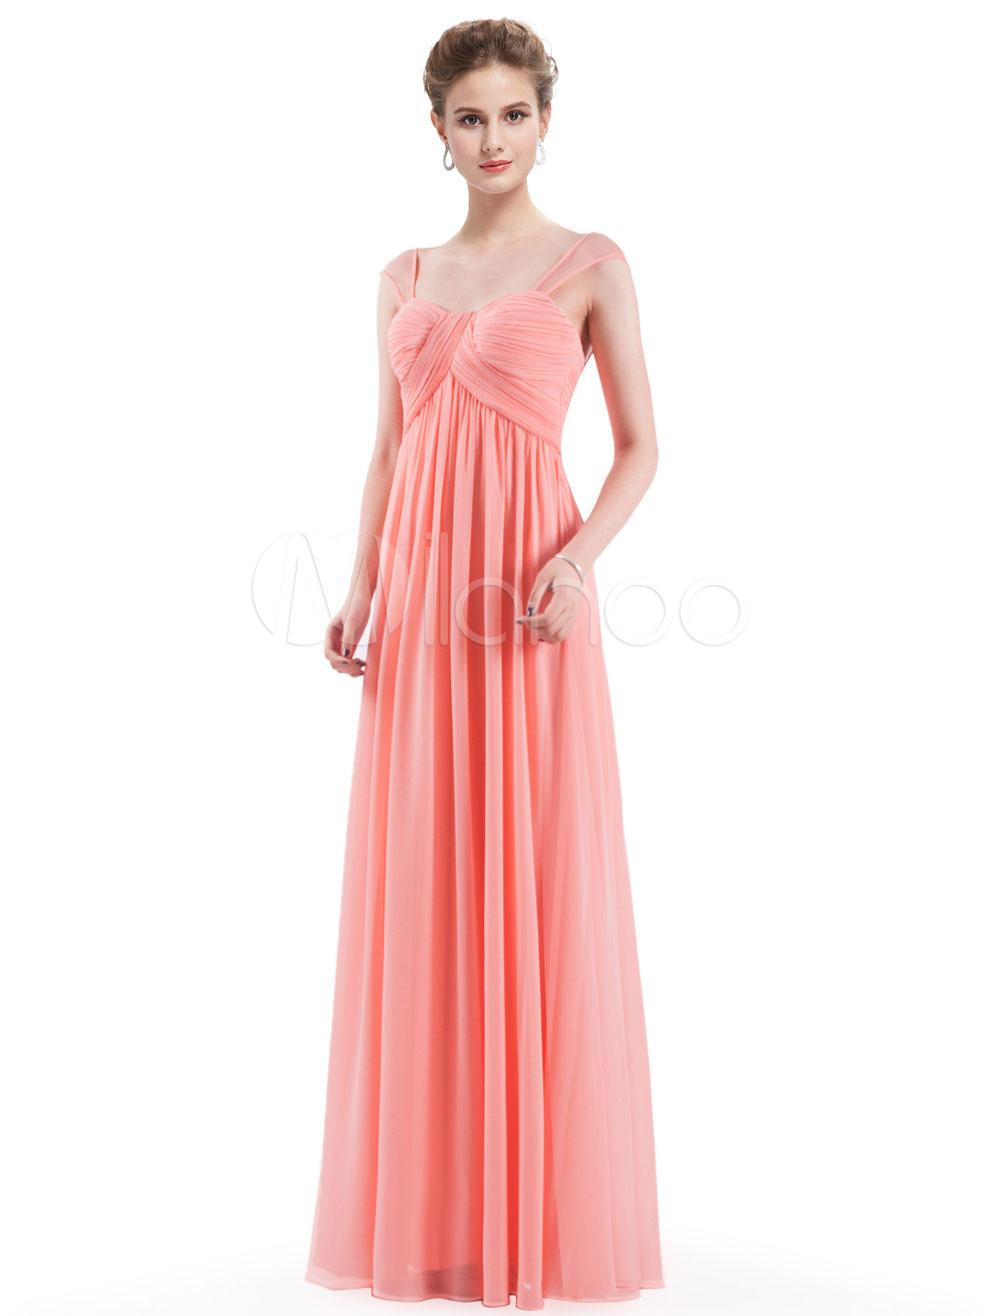 Excepcional Vestidos De Dama En Línea De Canadá Fotos - Colección de ...